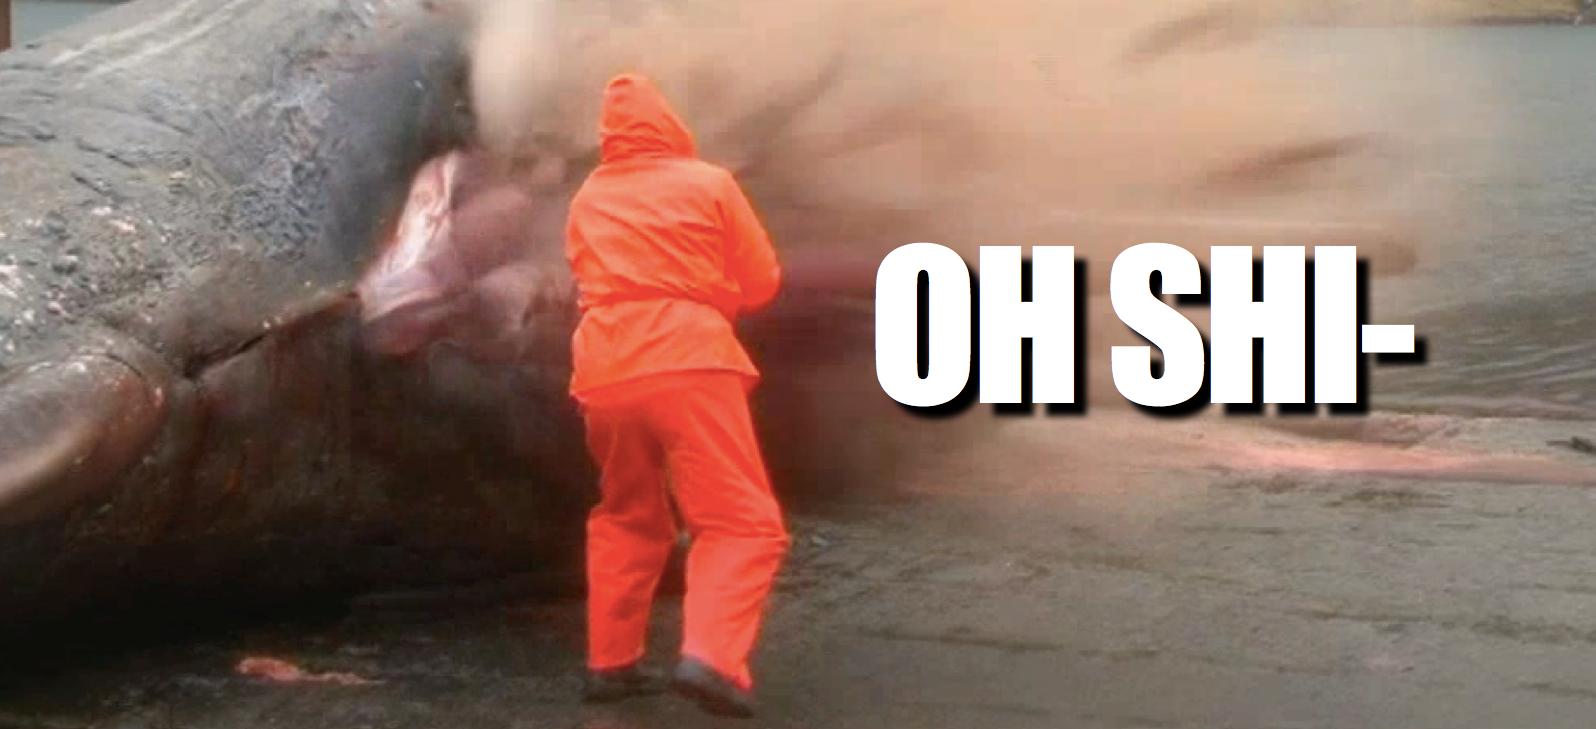 Faszination und Ekel: Ein explodierender Wal